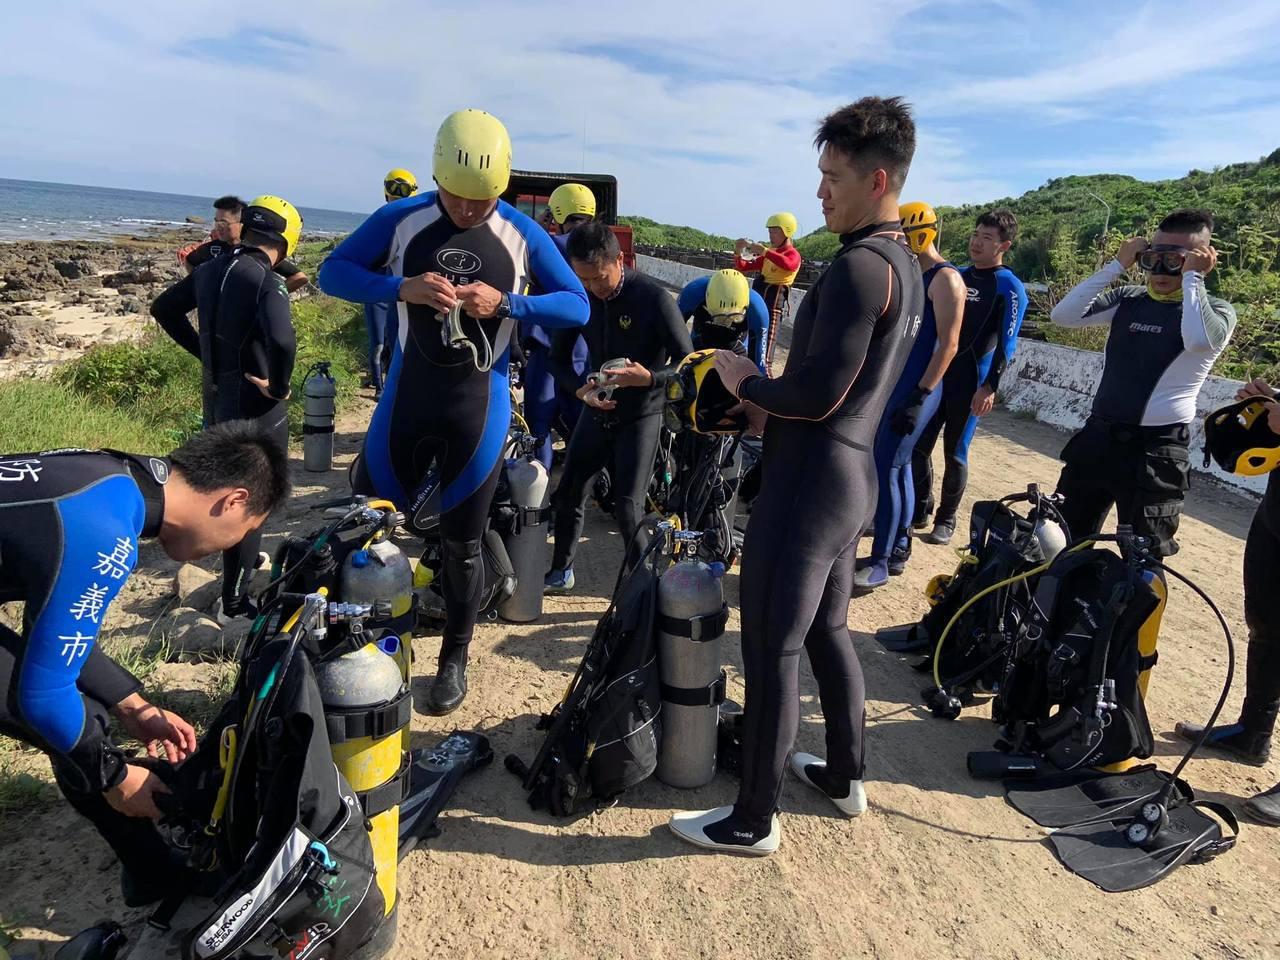 嘉義市消防局的消防員,也配發防寒衣,讓水下救援更順利。圖/嘉義市消防局提供